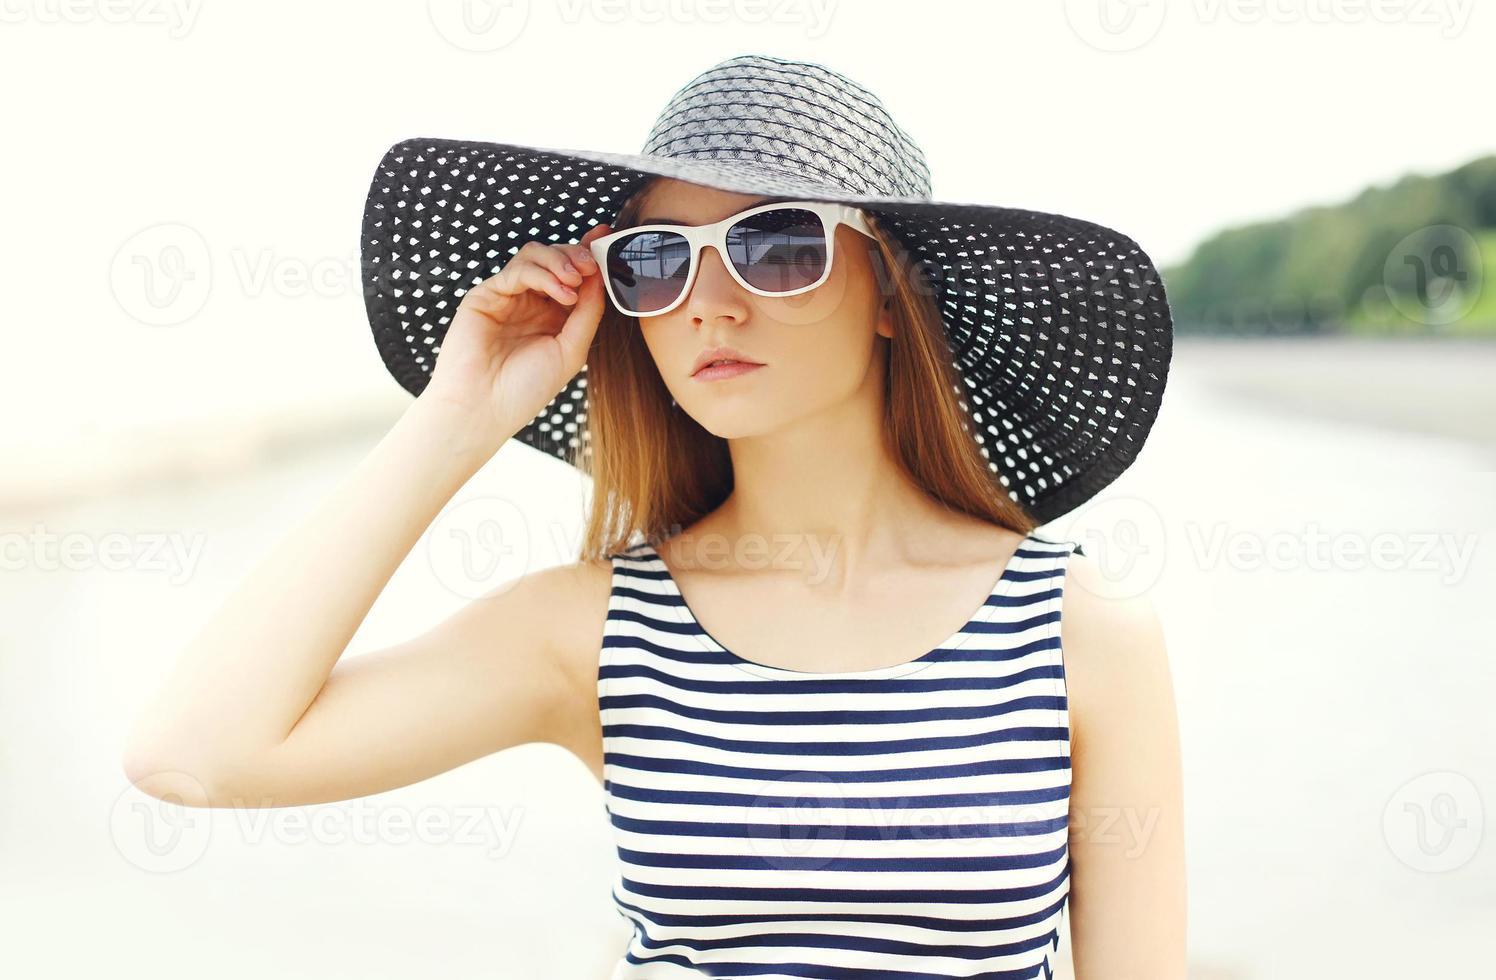 ritratto bella giovane donna che indossa un abito a strisce, st nero foto